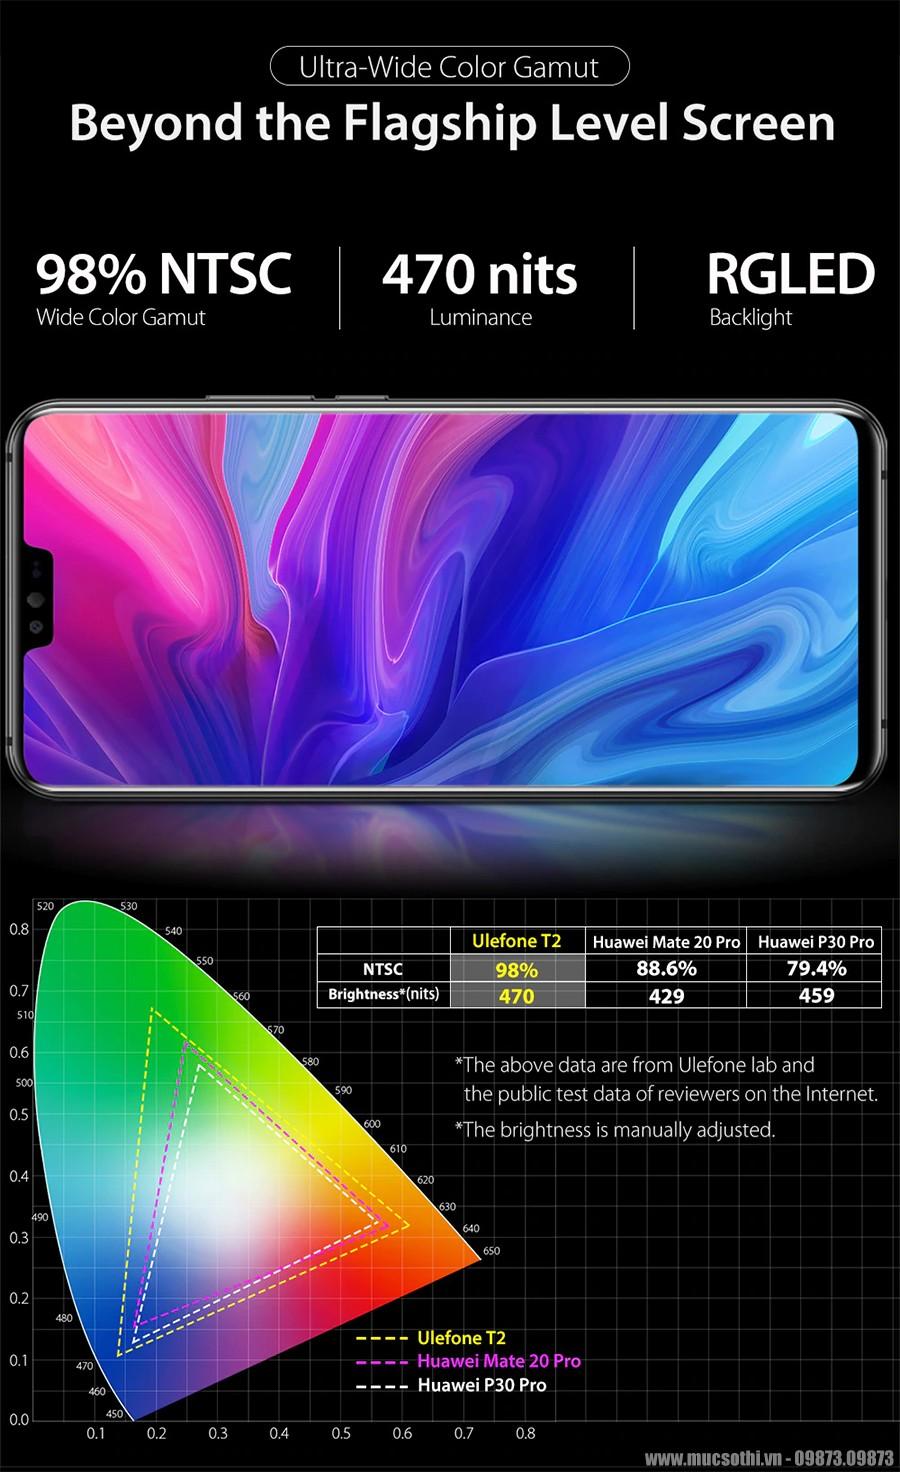 smartphonestore.vn - bán lẻ giá sỉ, online giá tốt điện thoại ulefone t2 chính hãng - 09175.09195